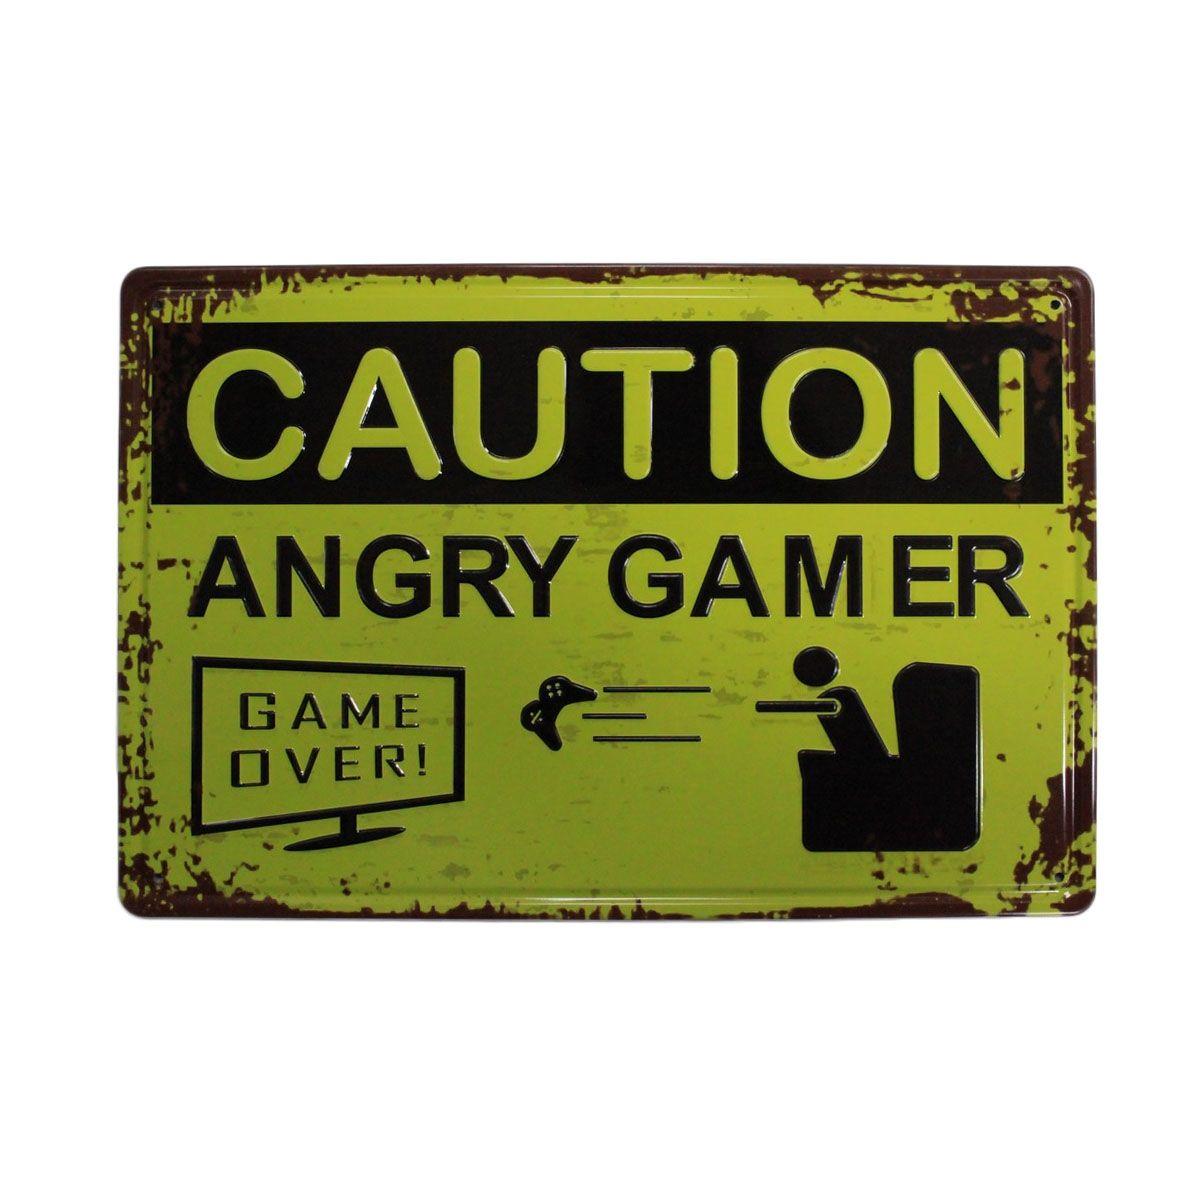 Retro Metalskilt - Angry Gamer